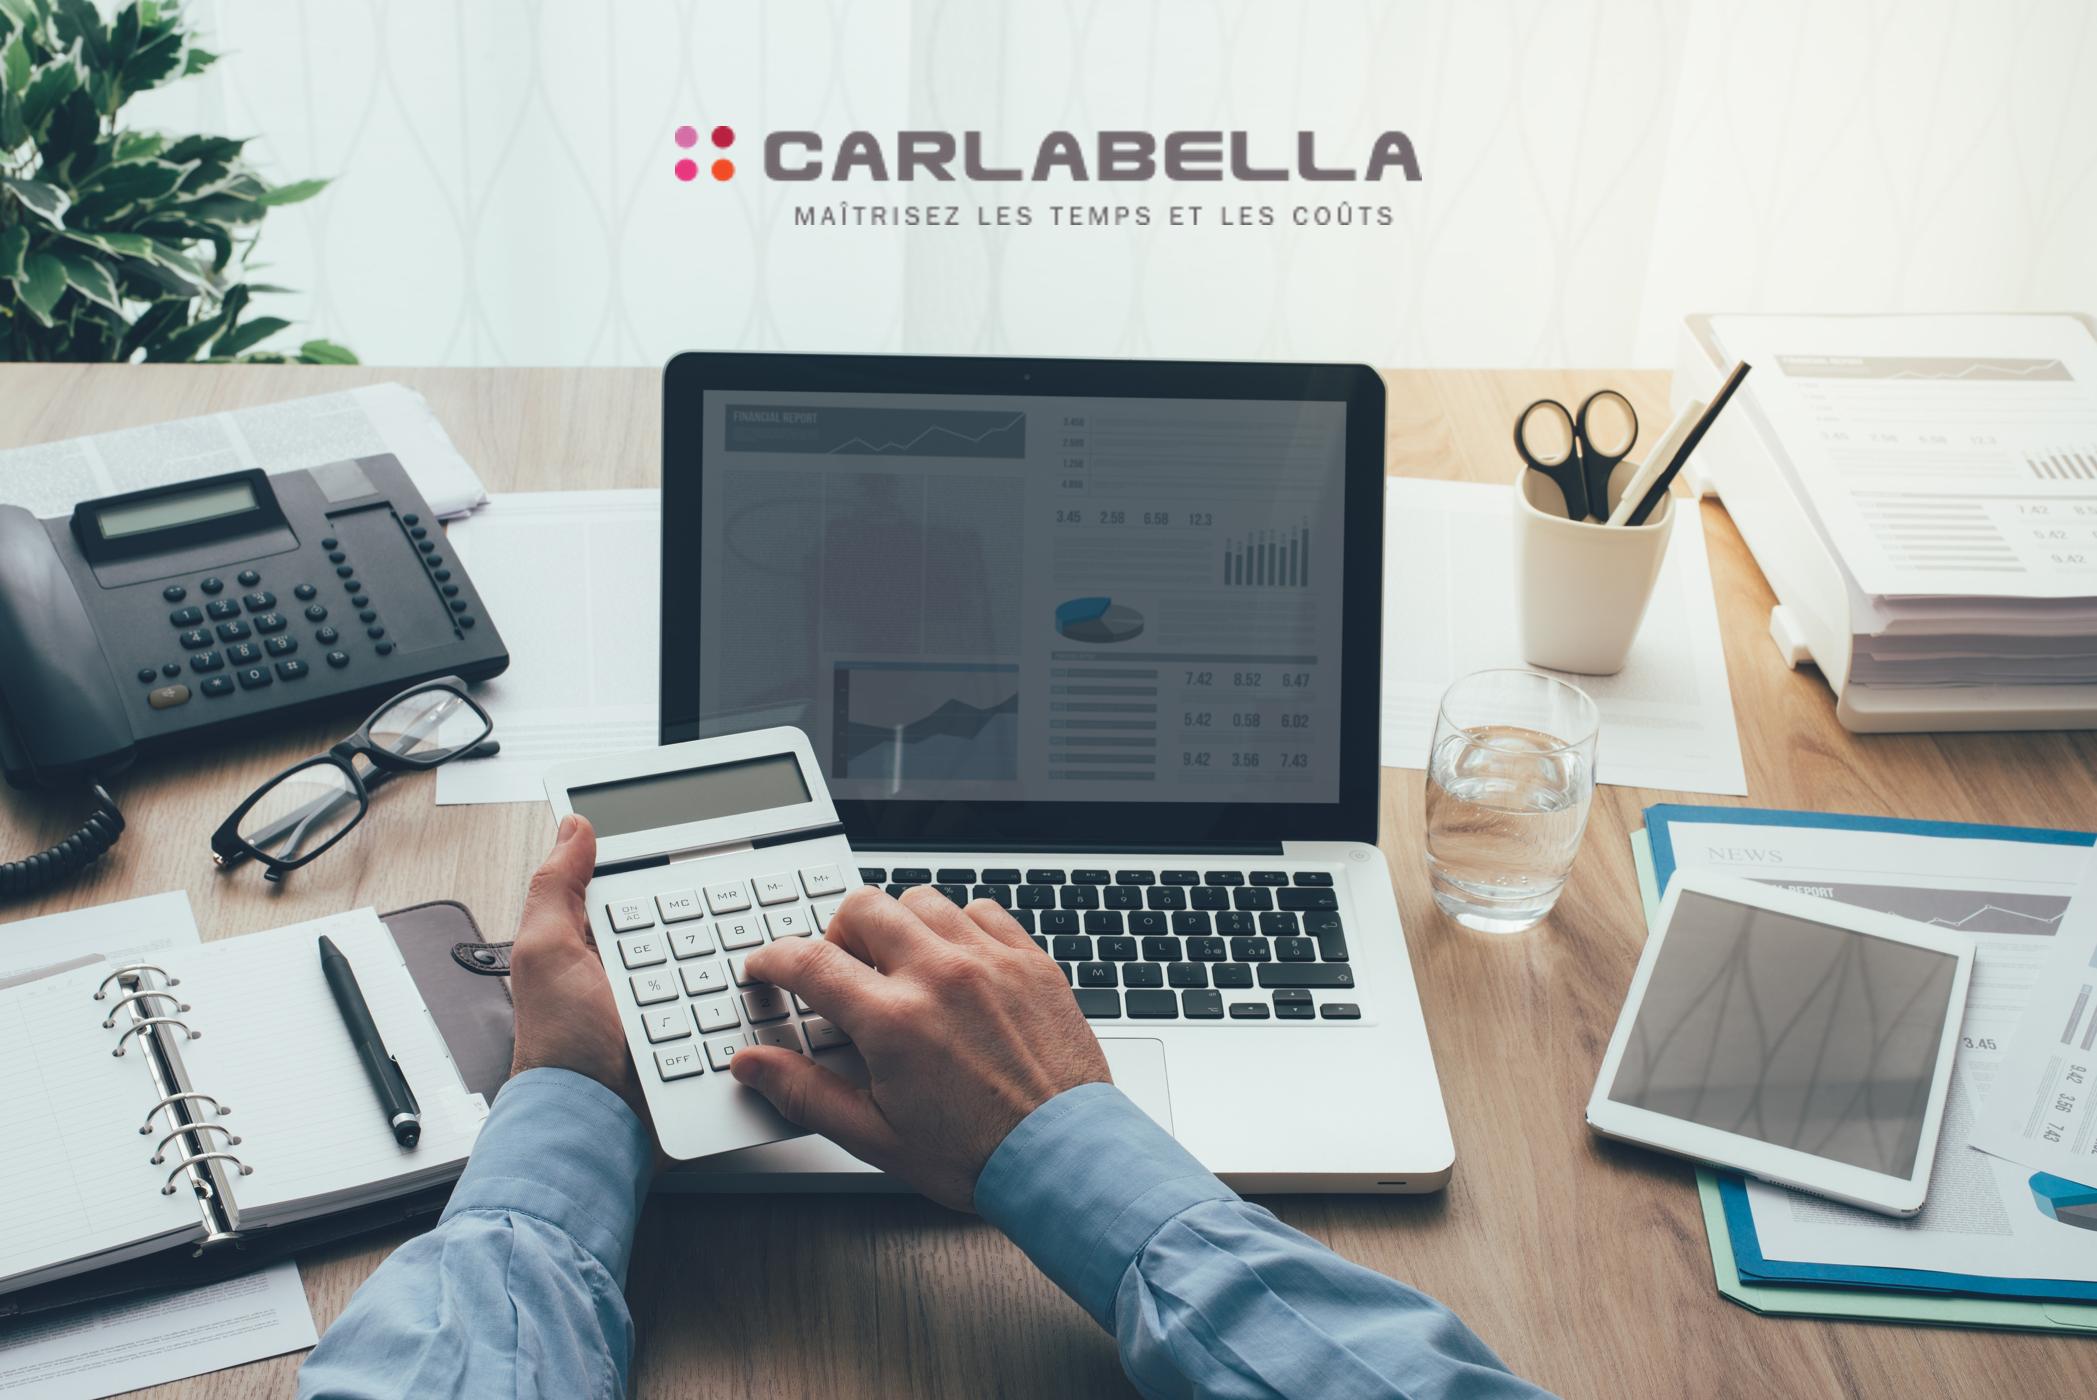 ref-carlabella